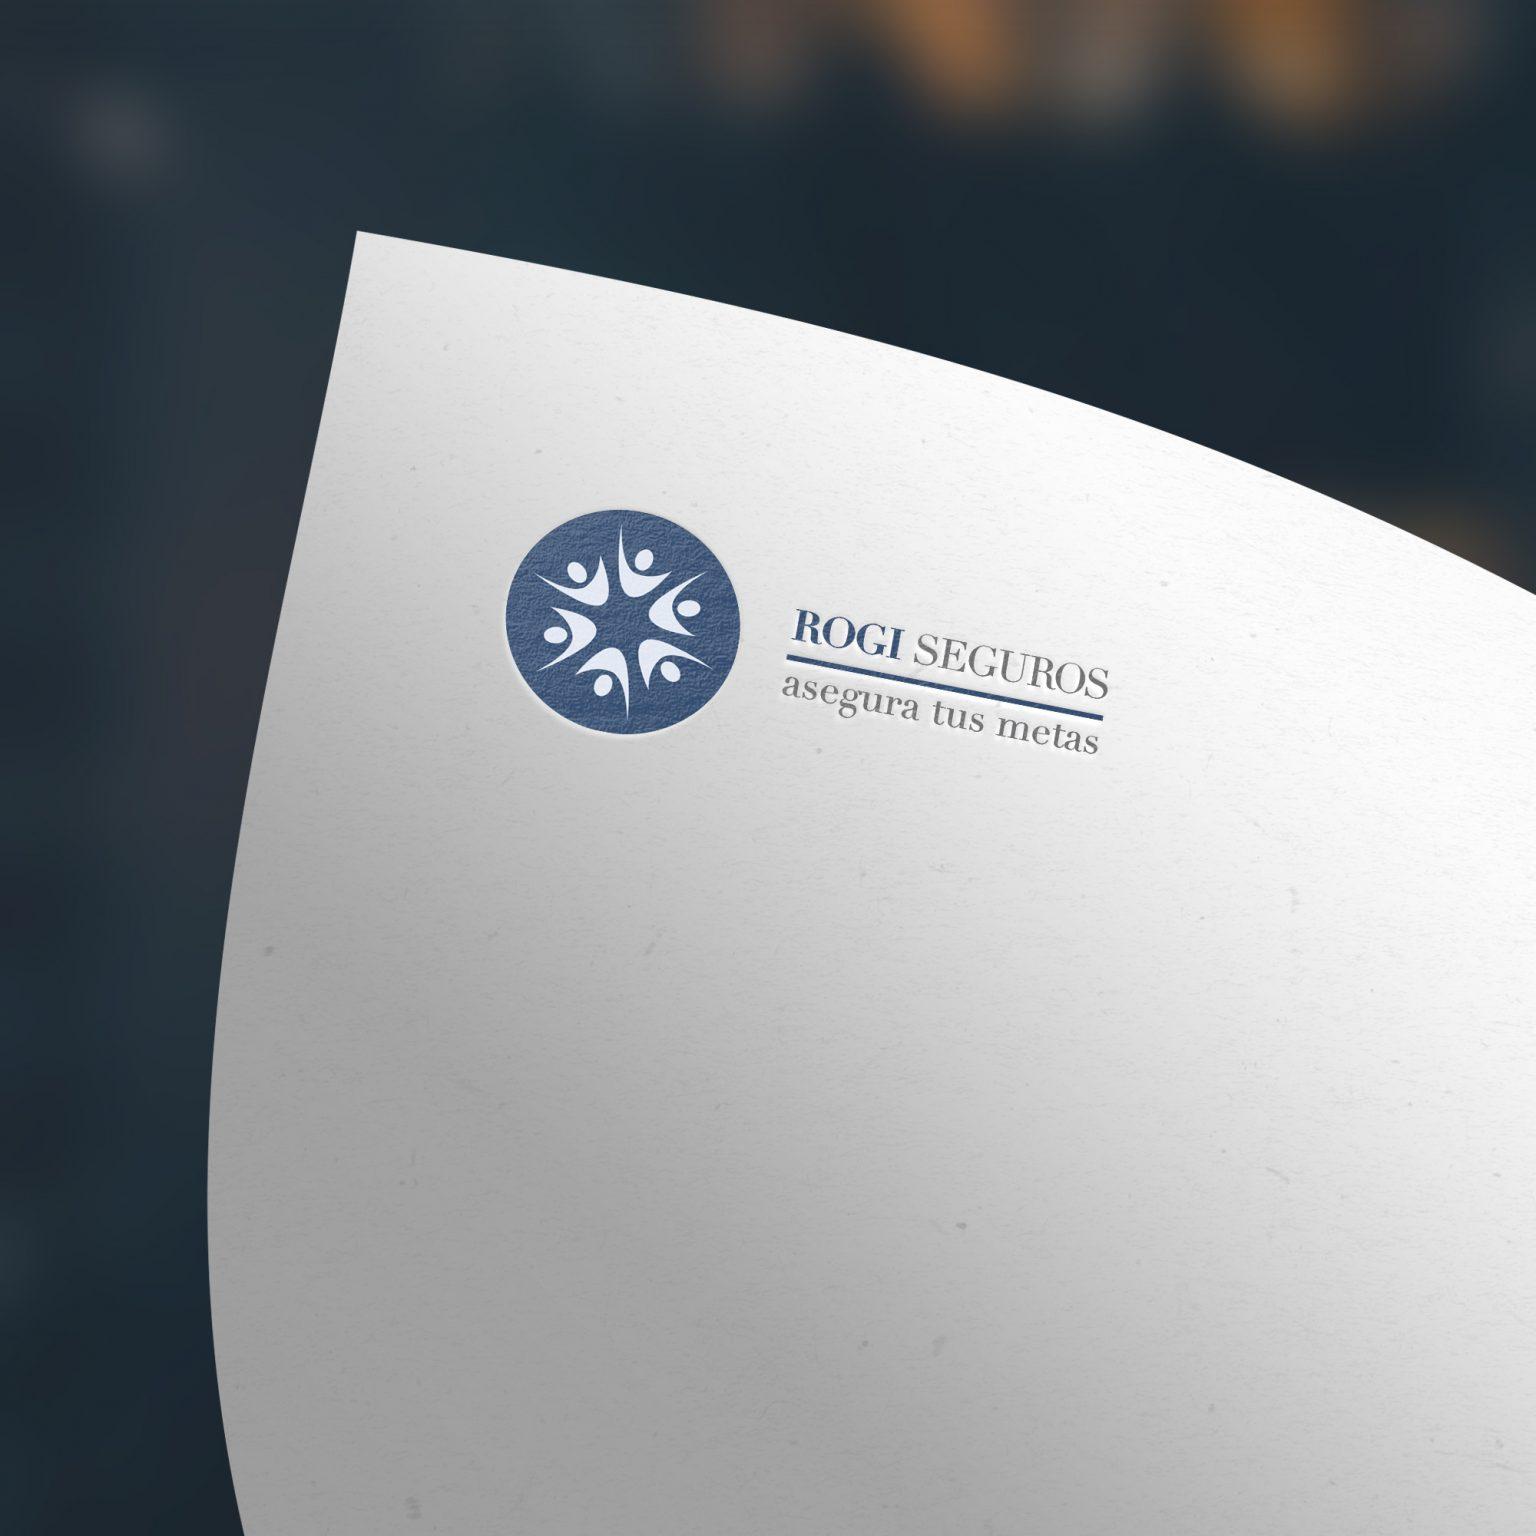 Logotipo Rogi Seguros